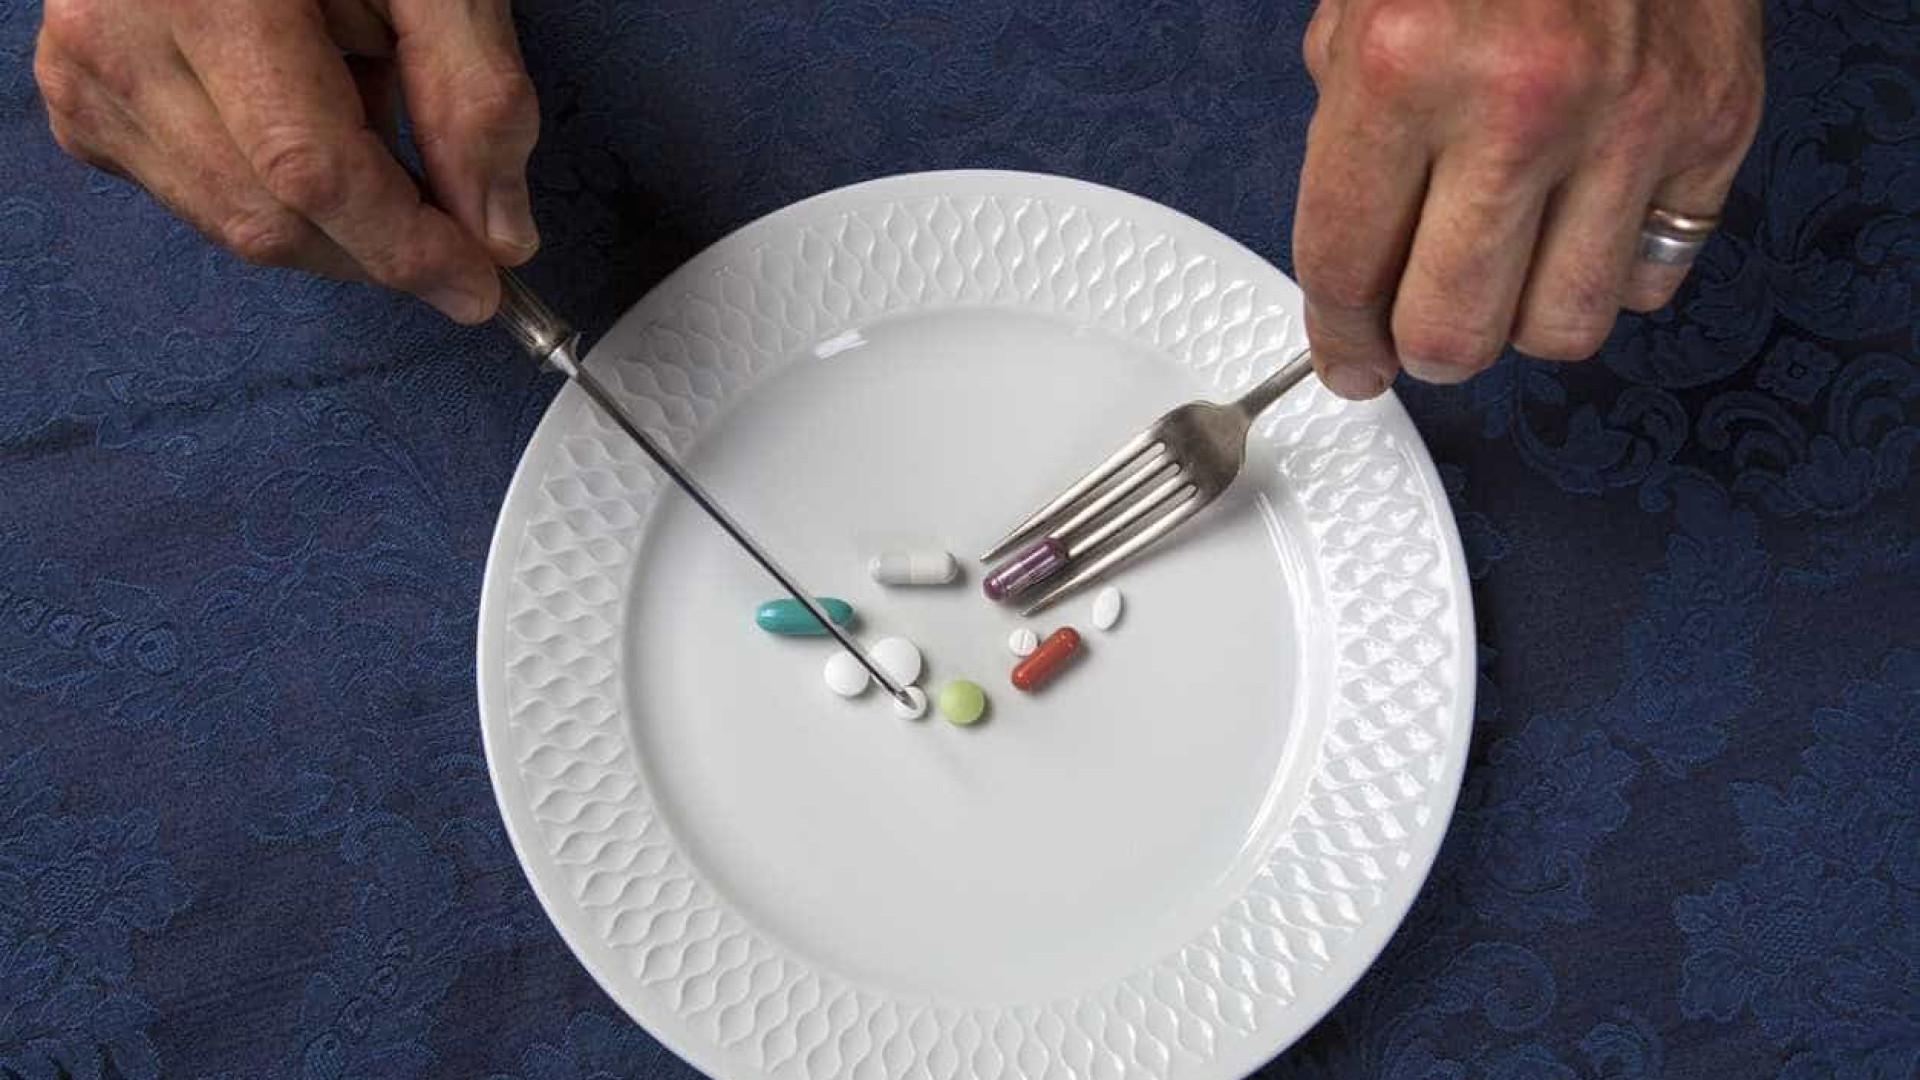 Afinal, os antioxidantes não são assim tão eficazes contra a demência